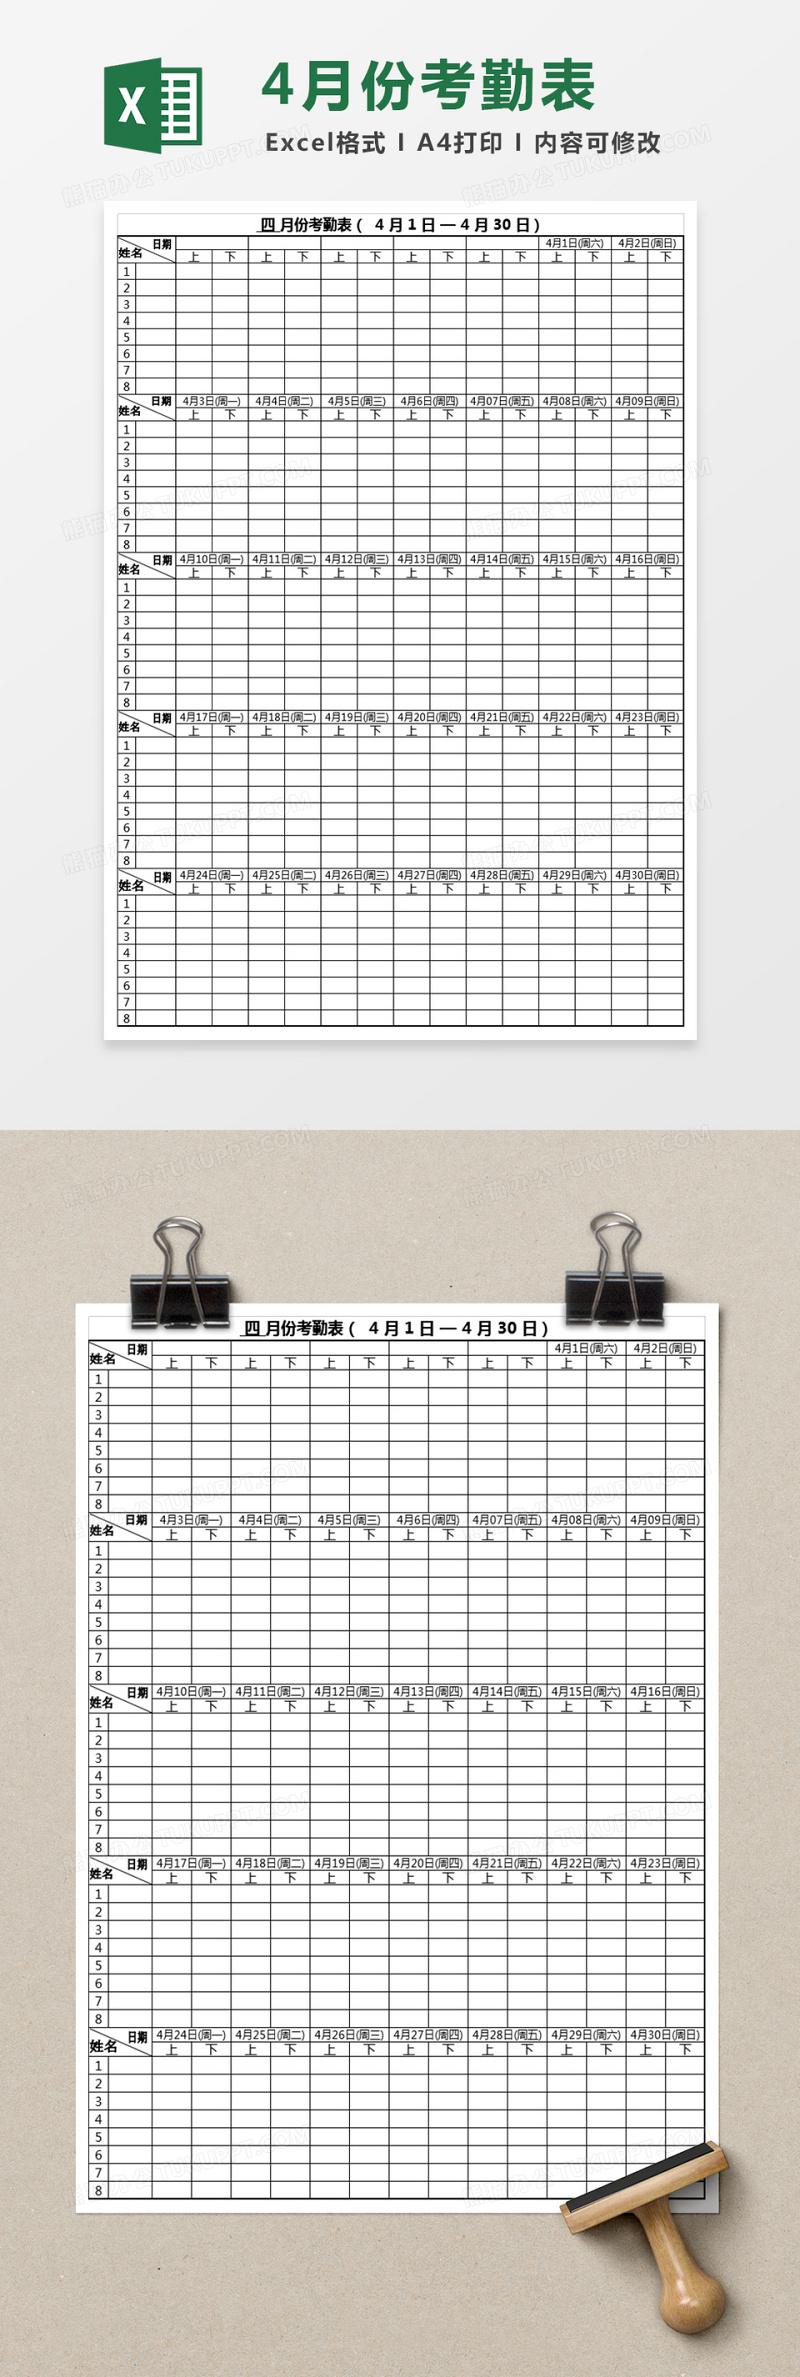 公司员工培训计划表_公司员工考勤签到表Excel模板_EXCEL表格 【工图网】